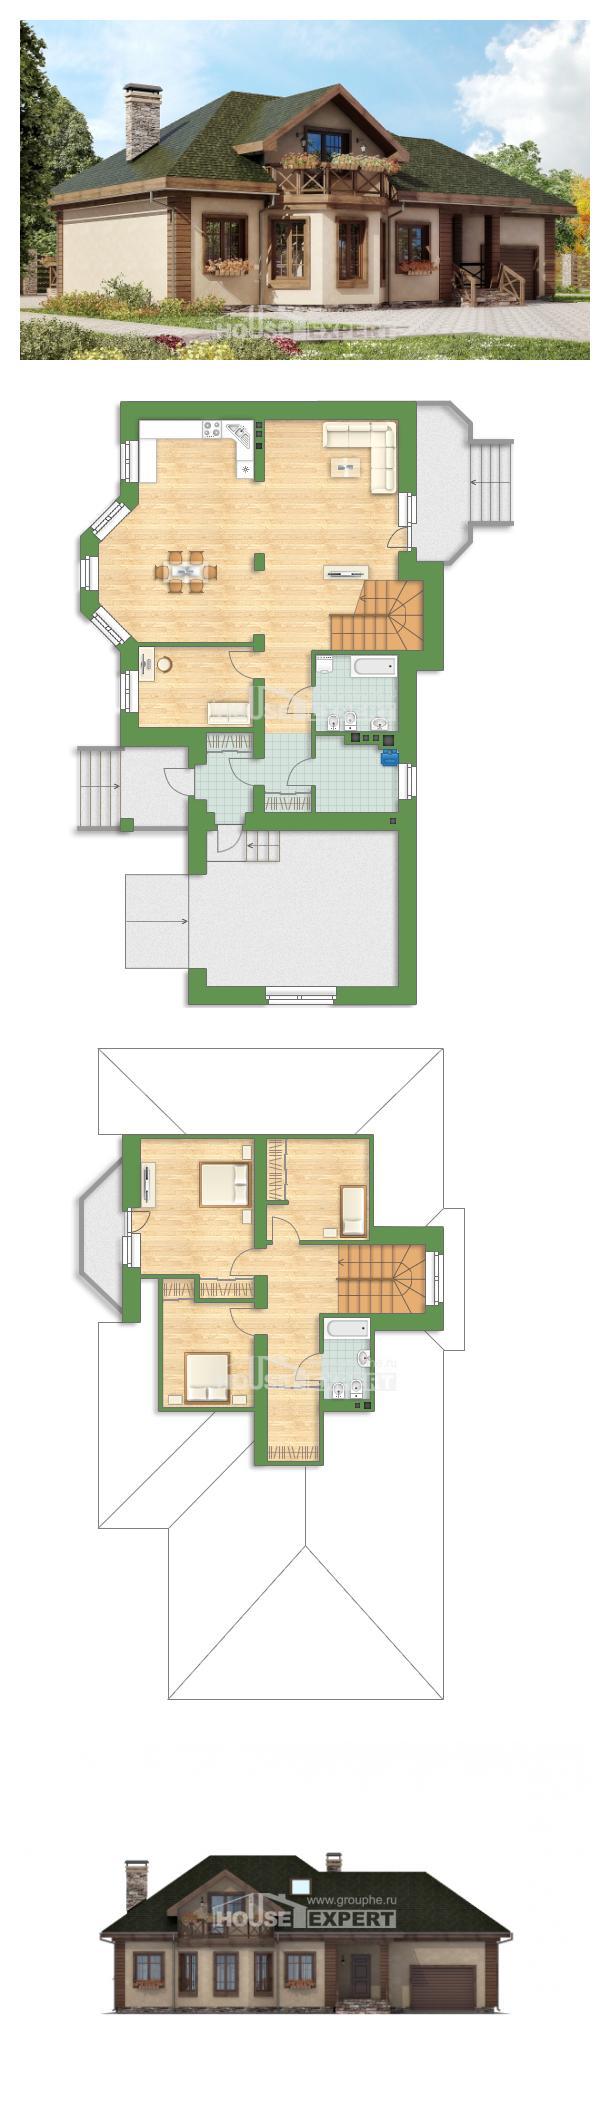 Plan 180-010-R   House Expert